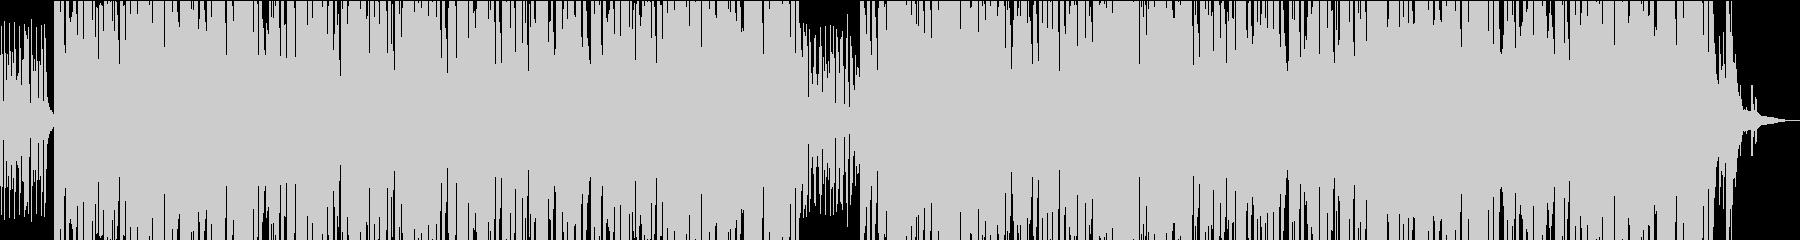 ゆっくりしたアコースティックなボサノバの未再生の波形